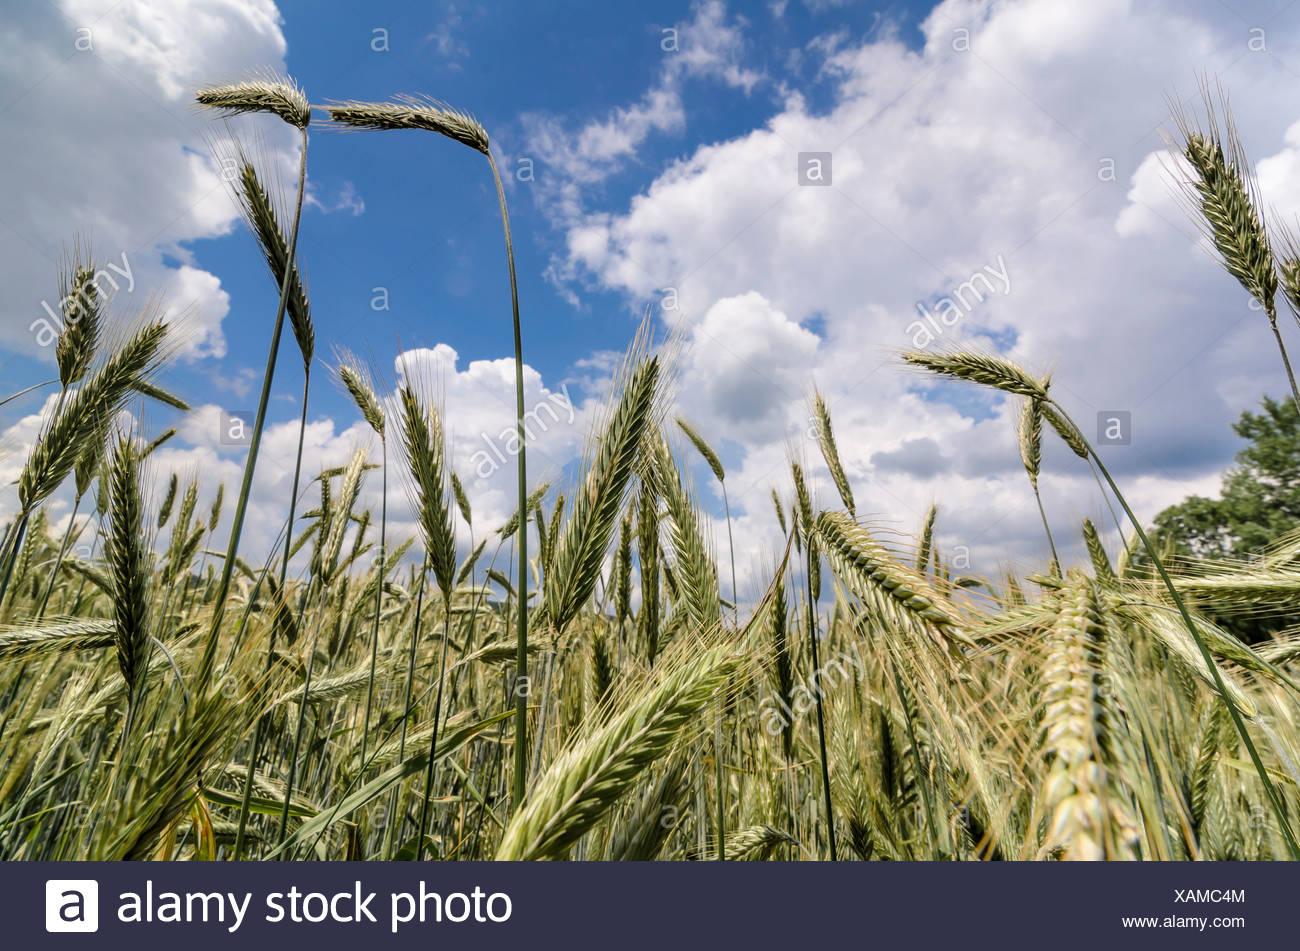 Épis verts de seigle (Secale cereale), champ de seigle contre un ciel bleu avec des nuages Photo Stock